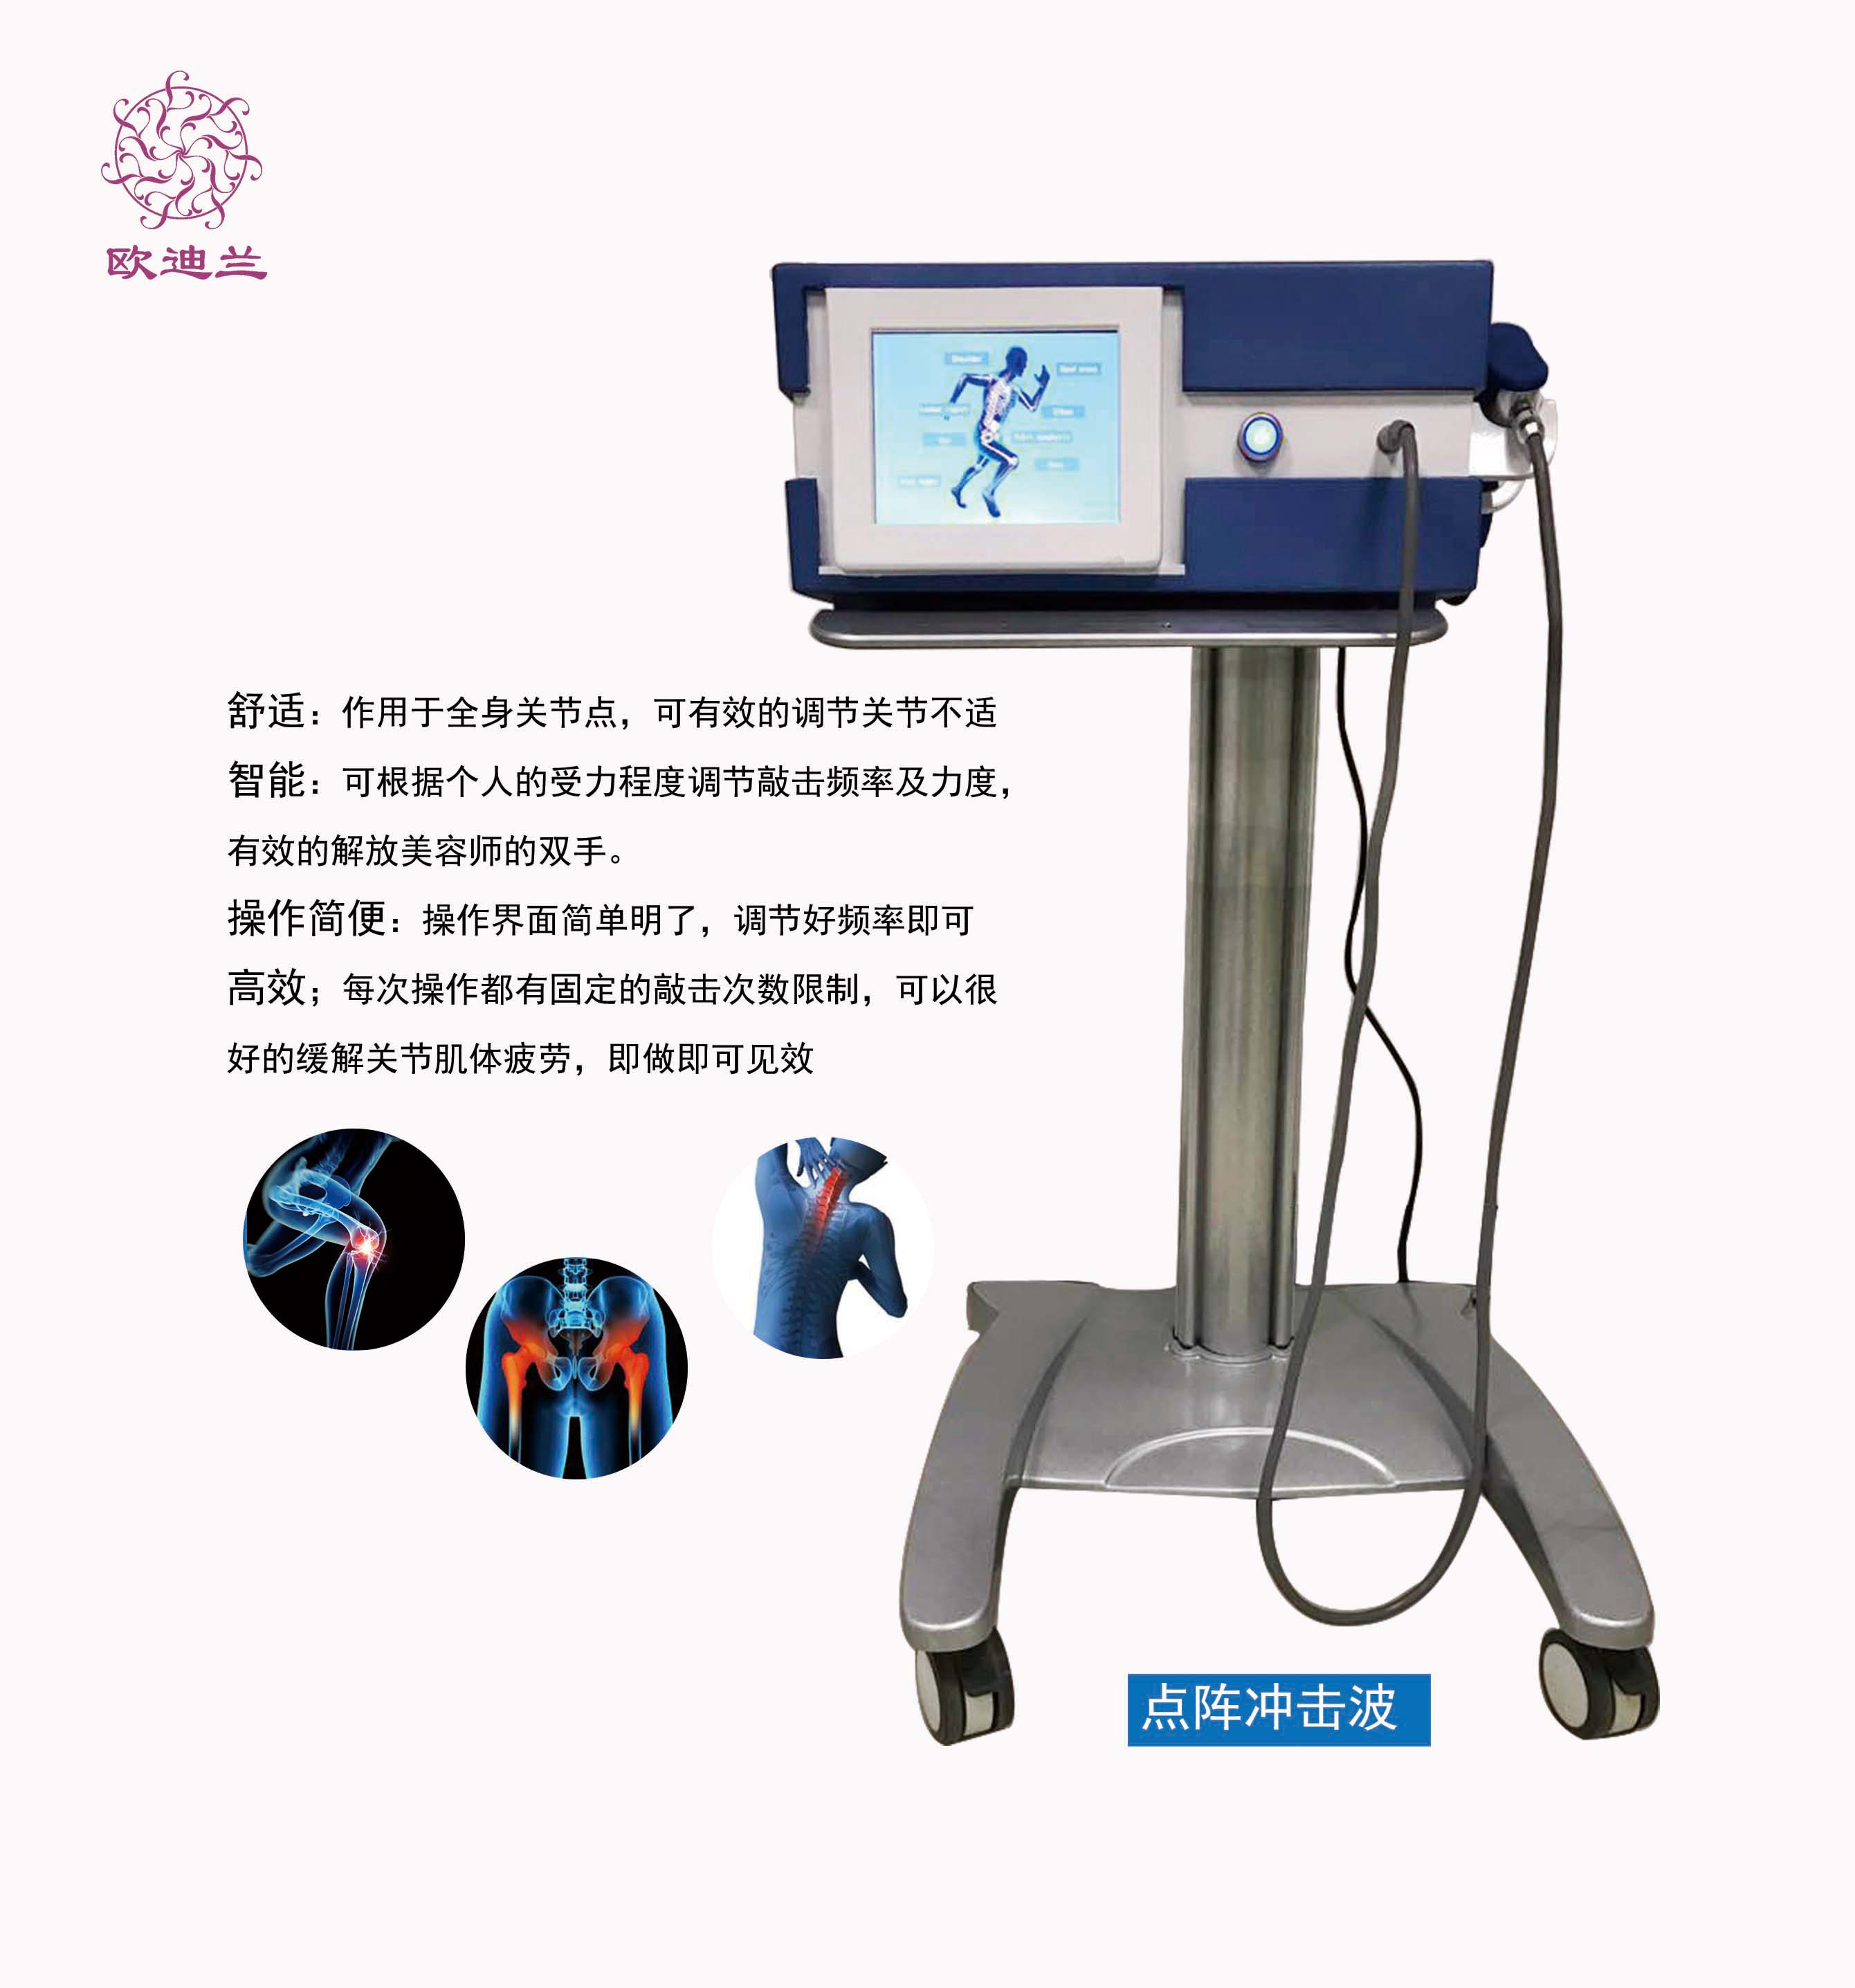 广州欧迪兰美容仪器点阵波按摩仪舒缓经络理疗养生